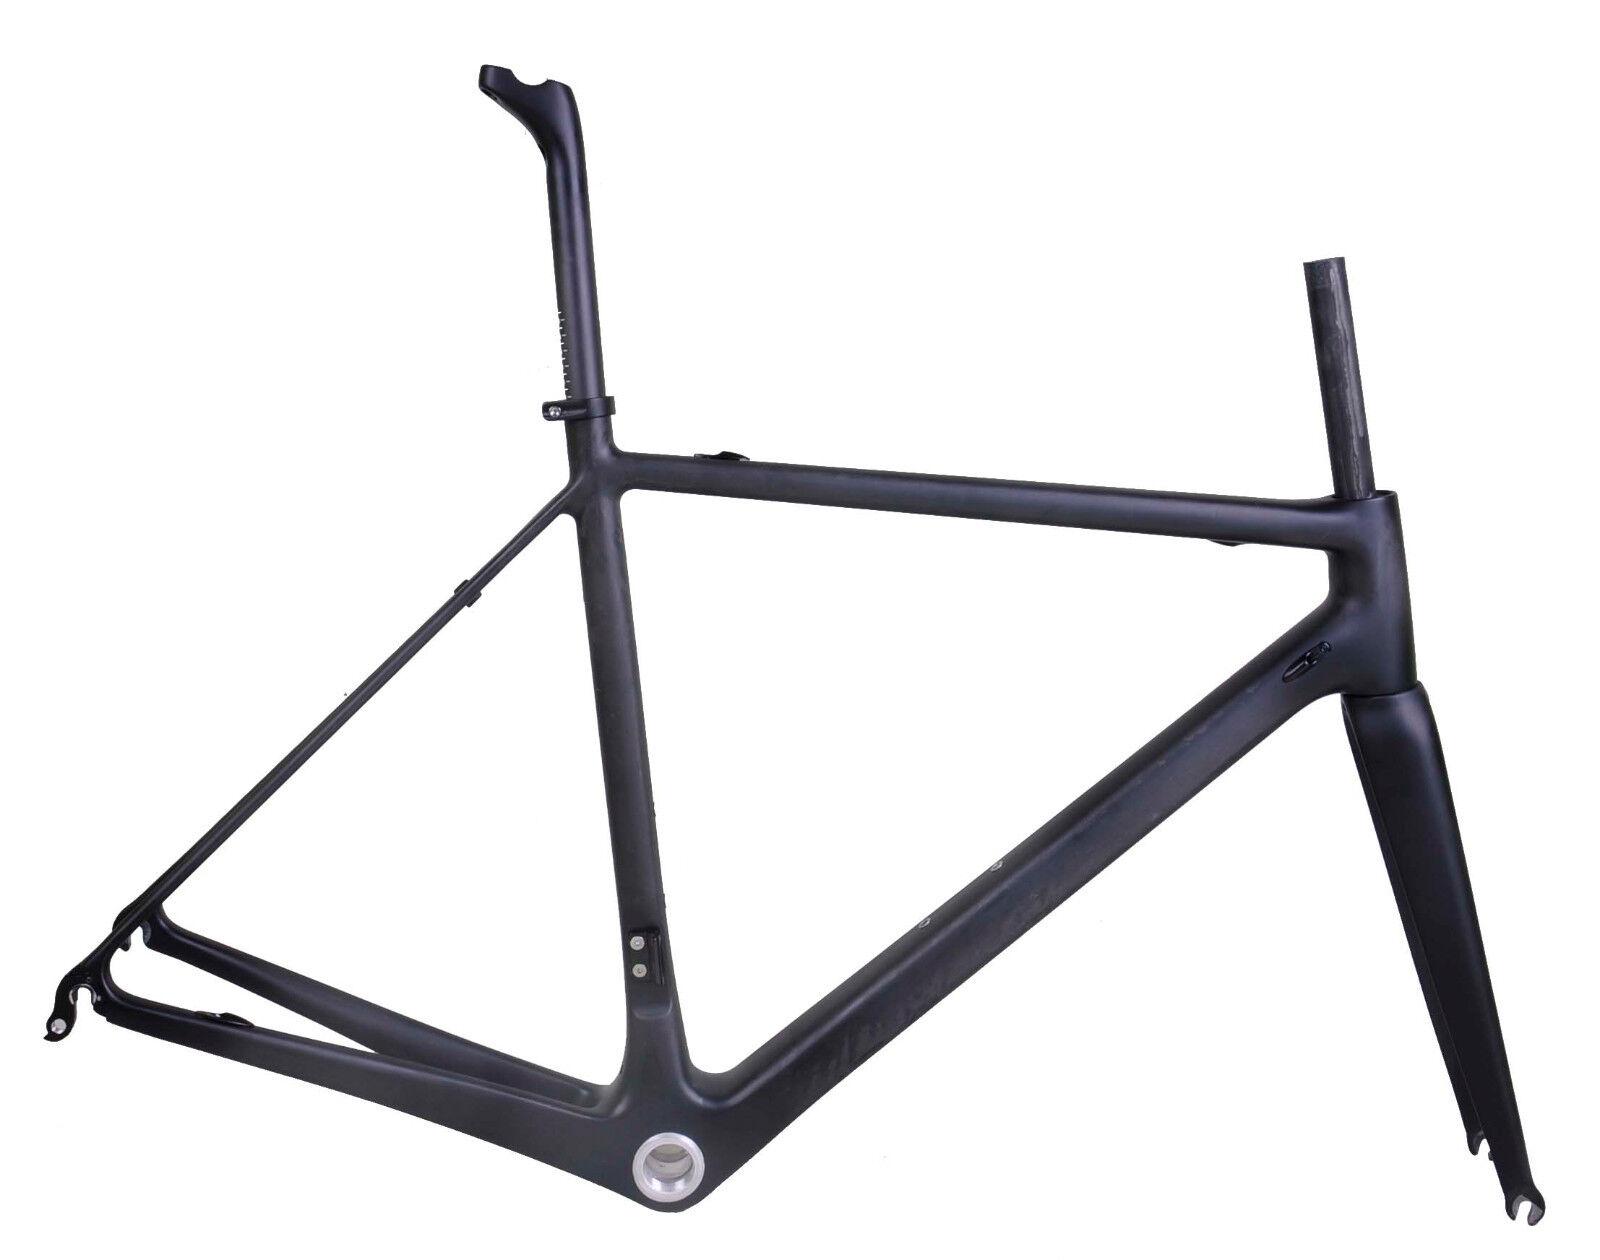 800 g 48 cm carbone PF30 Vélo de Route Cadre fourche Tige de selle Di2 UD MATT RACE Cycle 25 C